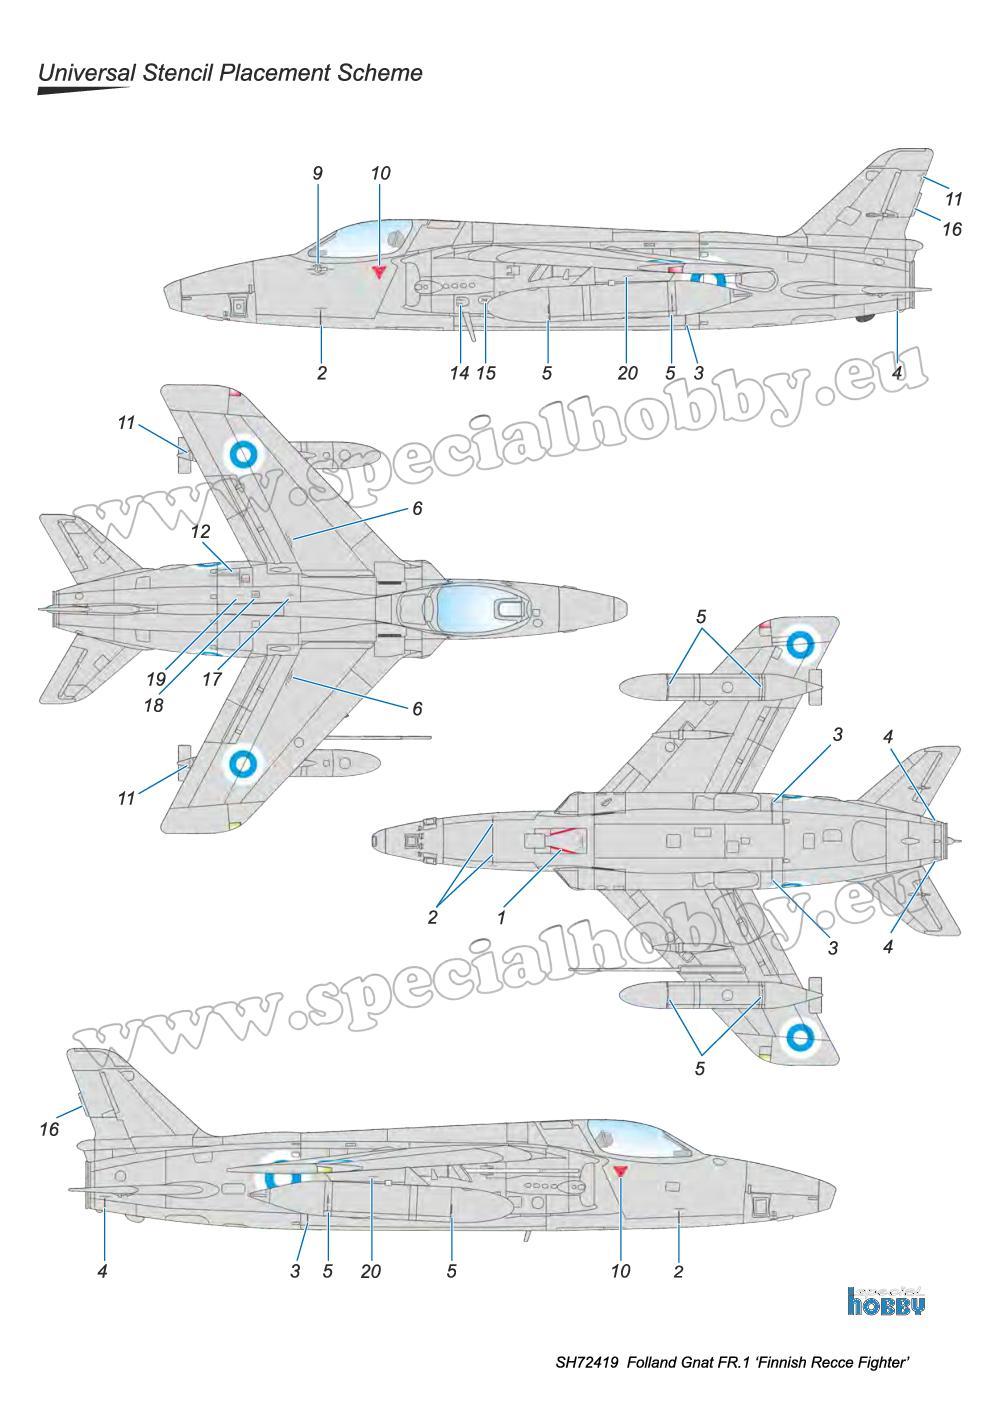 Special-Hobby-SH-72419-Folland-Gnat-FR.-I-Finnish-Recce-Bauanleitung-7 Folland Gnat FR.1 Finnish Recce Fighter in 1:72 von Special Hobby #SH 72419